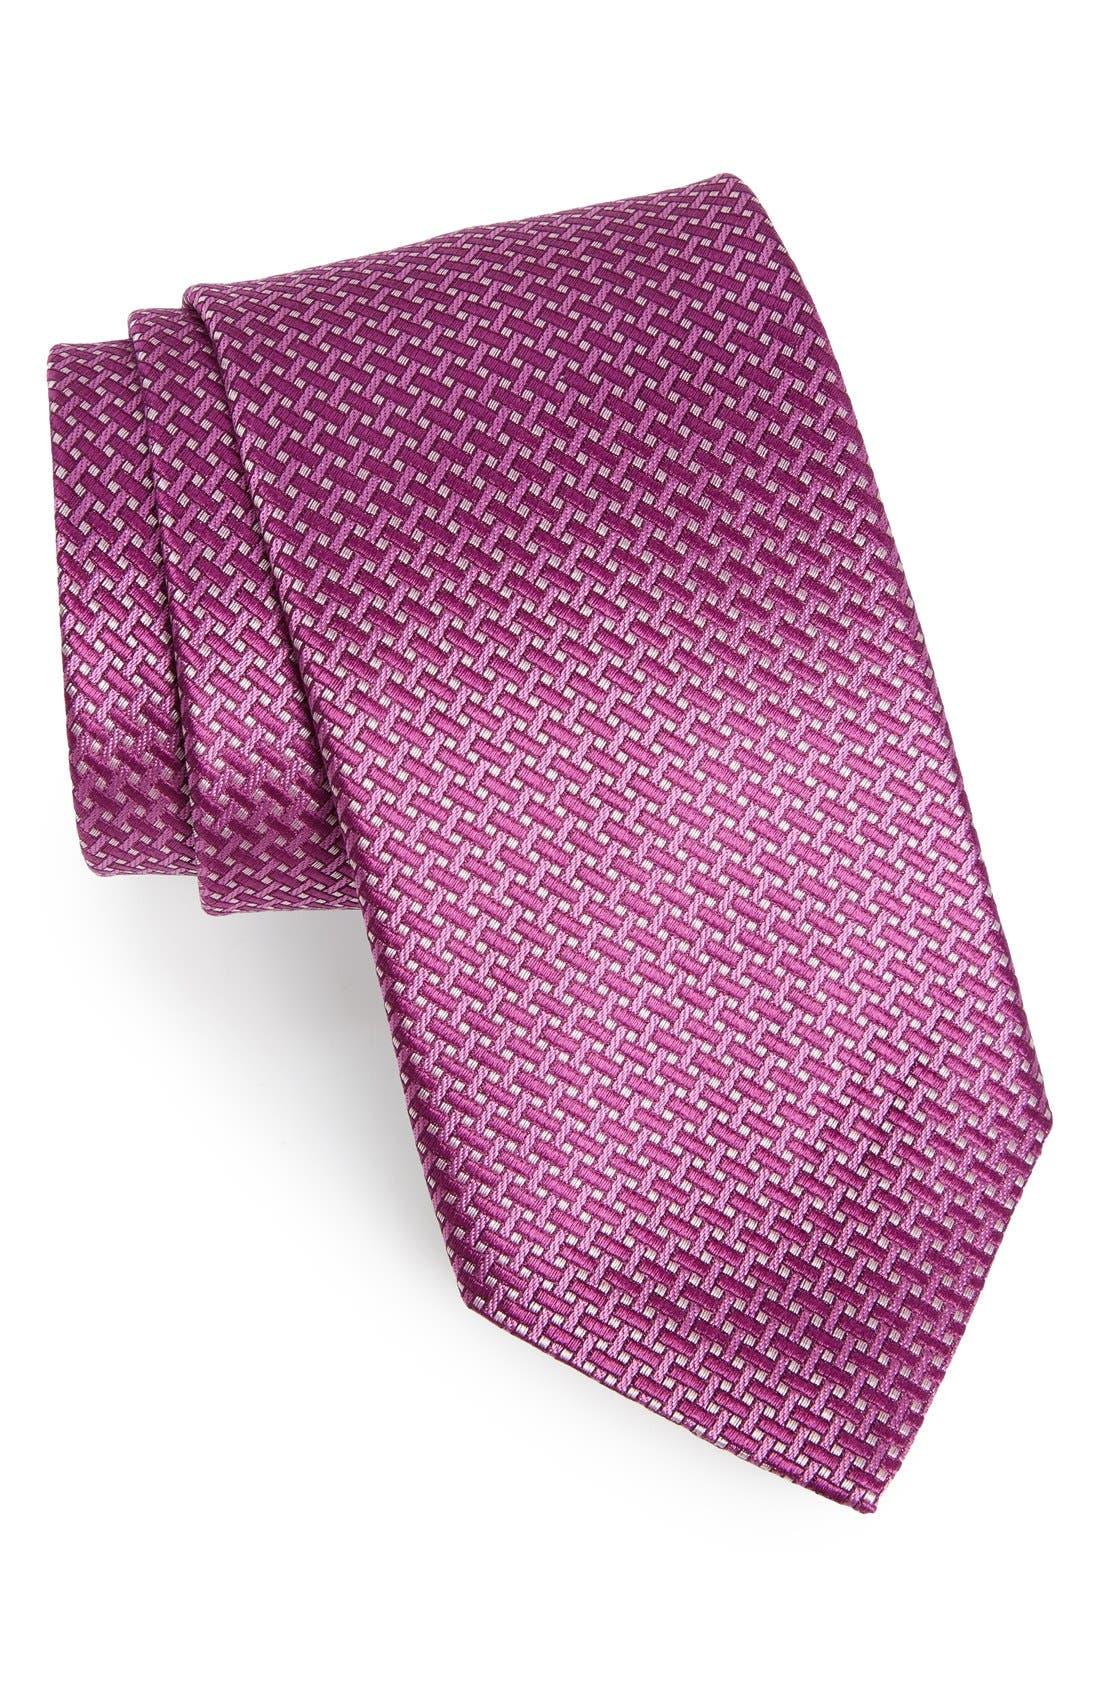 Alternate Image 1 Selected - David Donahue Geometric Silk Tie